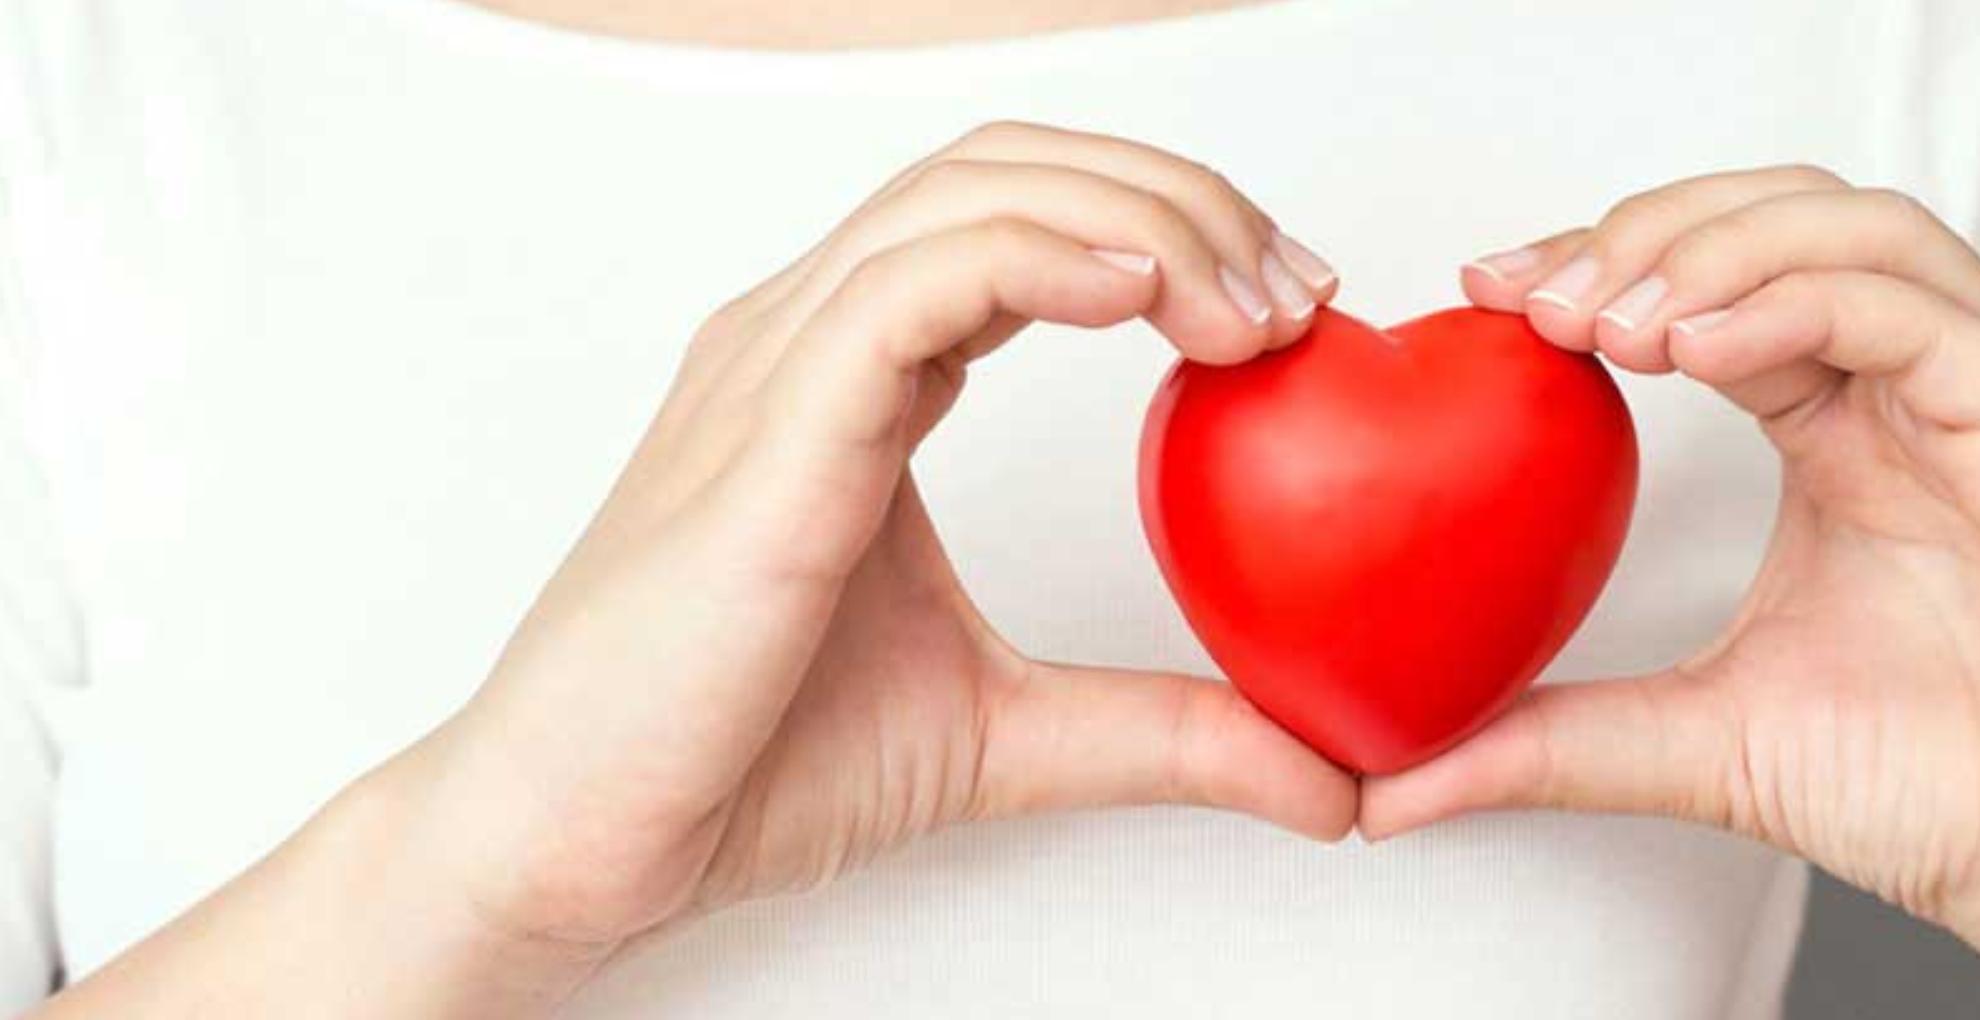 Health Tips: हार्ट अटैक से बचने के लिए खाने में शामिल करें ये 5 चीजें, आपका दिल हमेशा रहेगा हेल्दी